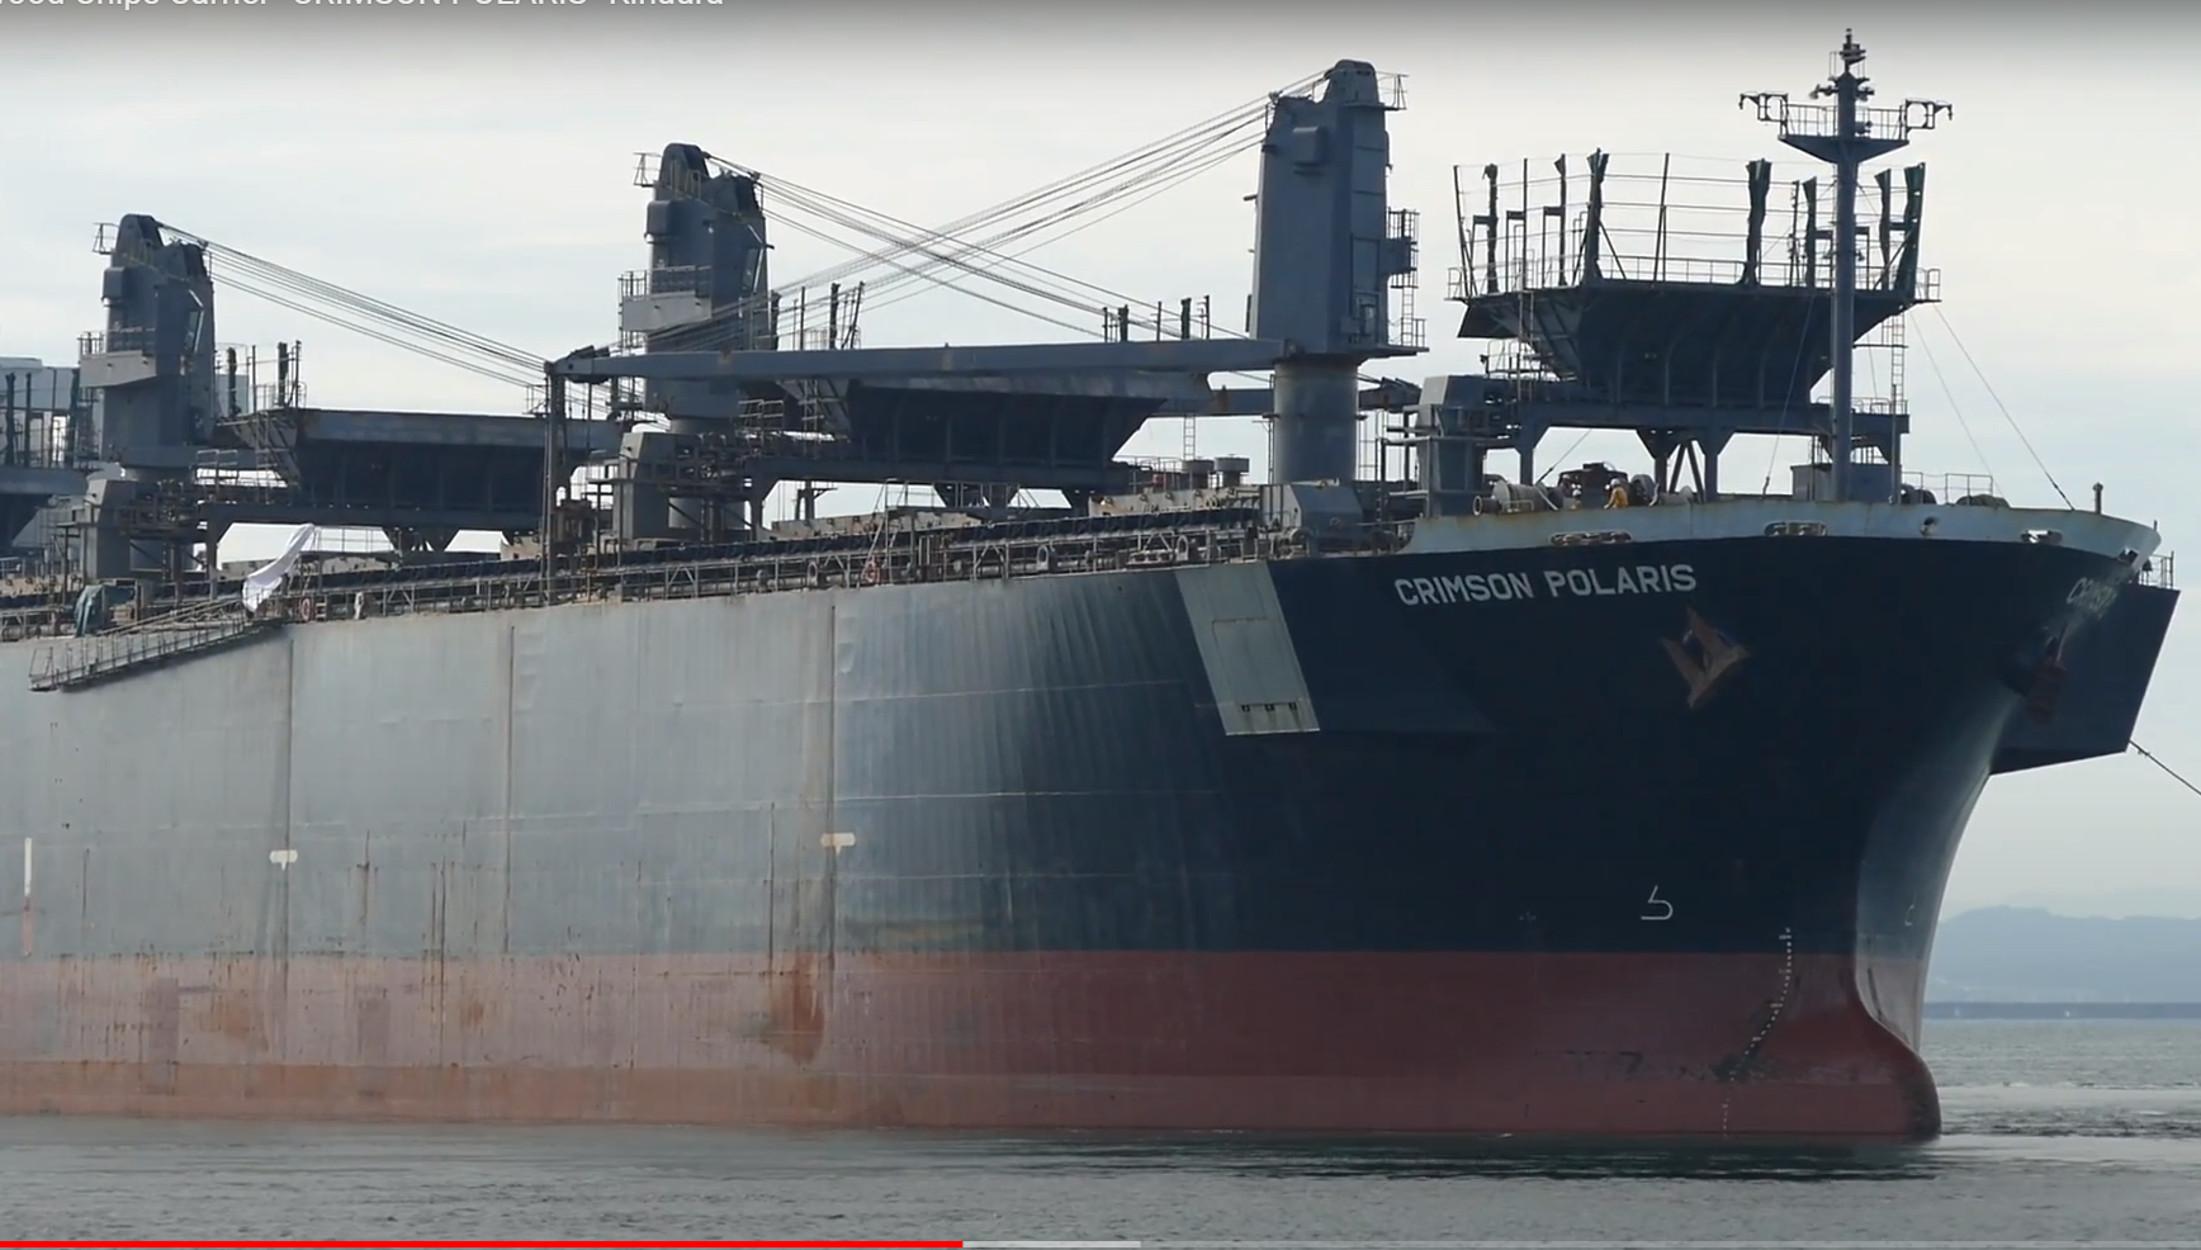 Ιαπωνία: Τάνκερ προσάραξε σε λιμάνι – Διαρροή πετρελαίου